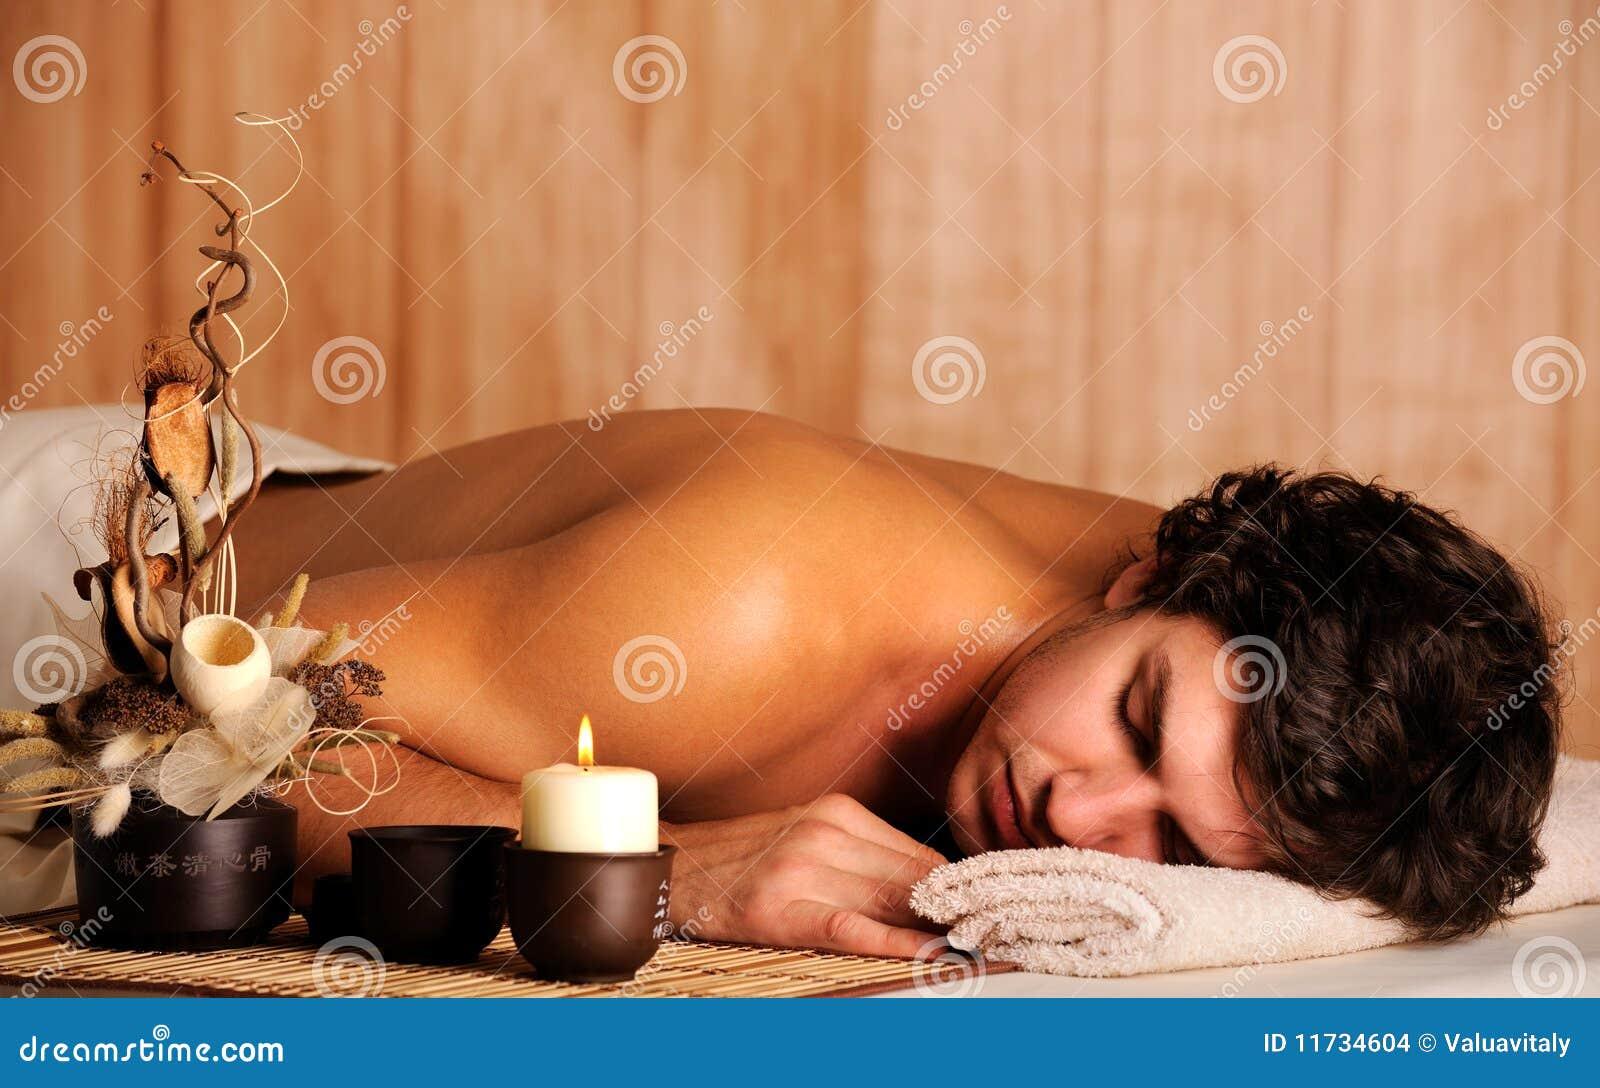 massazha-ero-spa-saloni